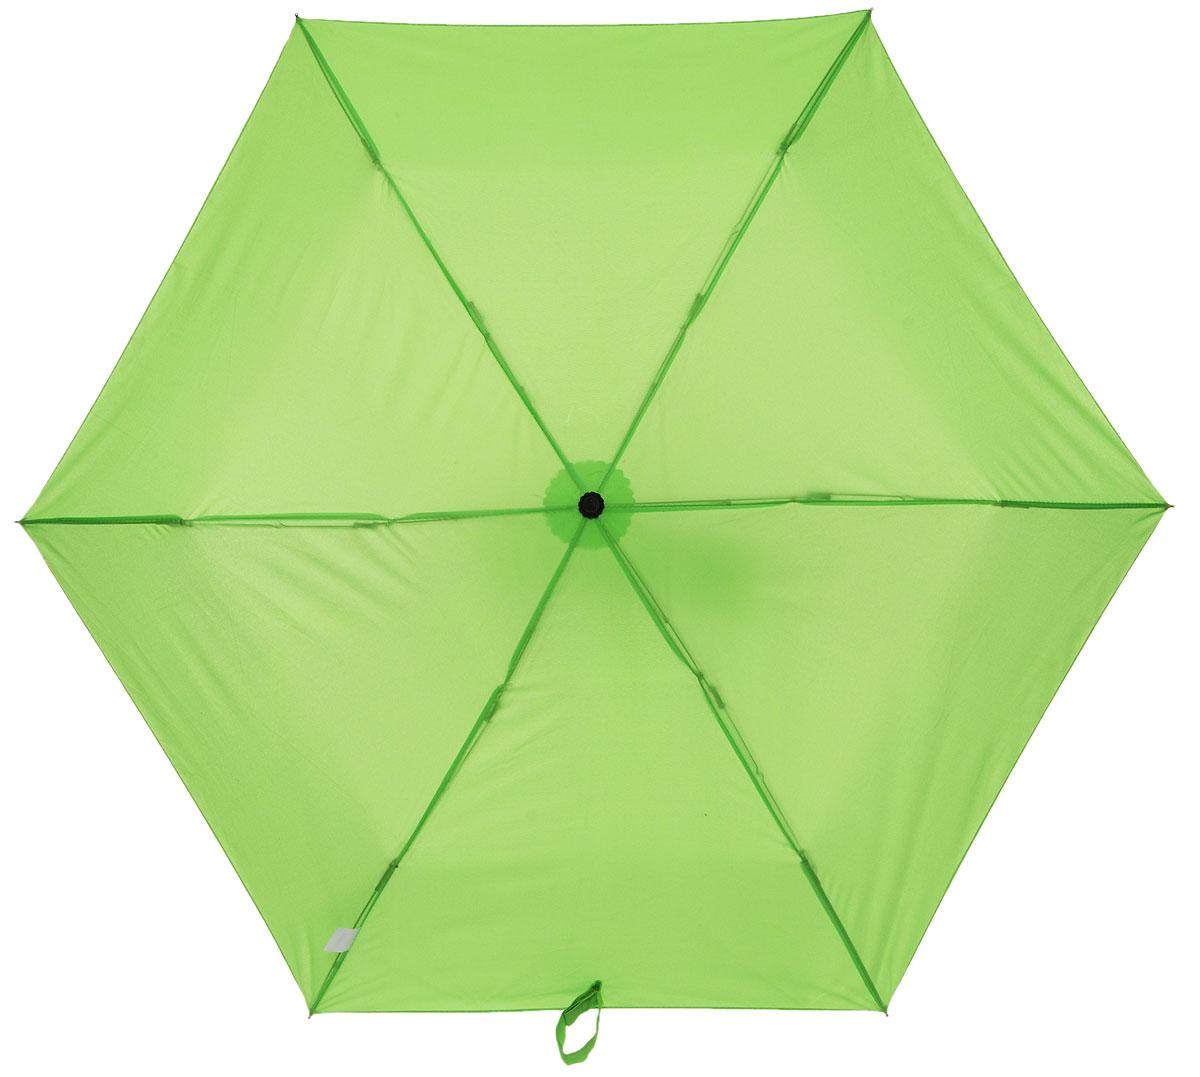 Зонт детский Эврика Перец, механика, 2 сложения, цвет: зеленый. 9688696886Оригинальный и яркий детский зонт Эврика станет замечательным подарком для вашего ребенка. Изделие имеет механический способ сложения: и купол, и стержень открываются и закрываются вручную до характерного щелчка. Зонт состоит из шести спиц и стержня, изготовленных из металла. Яркий купол выполнен из качественного нейлона, который не пропускает воду. Зонт дополнен чехлом из пластика, имитирующим перец. Ручка выполнена в виде черенка перца. Компактный пластиковый чехол предохраняет зонт от повреждений. Оригинальный дизайн зонта поднимет настроение не только вам, но и окружающим.